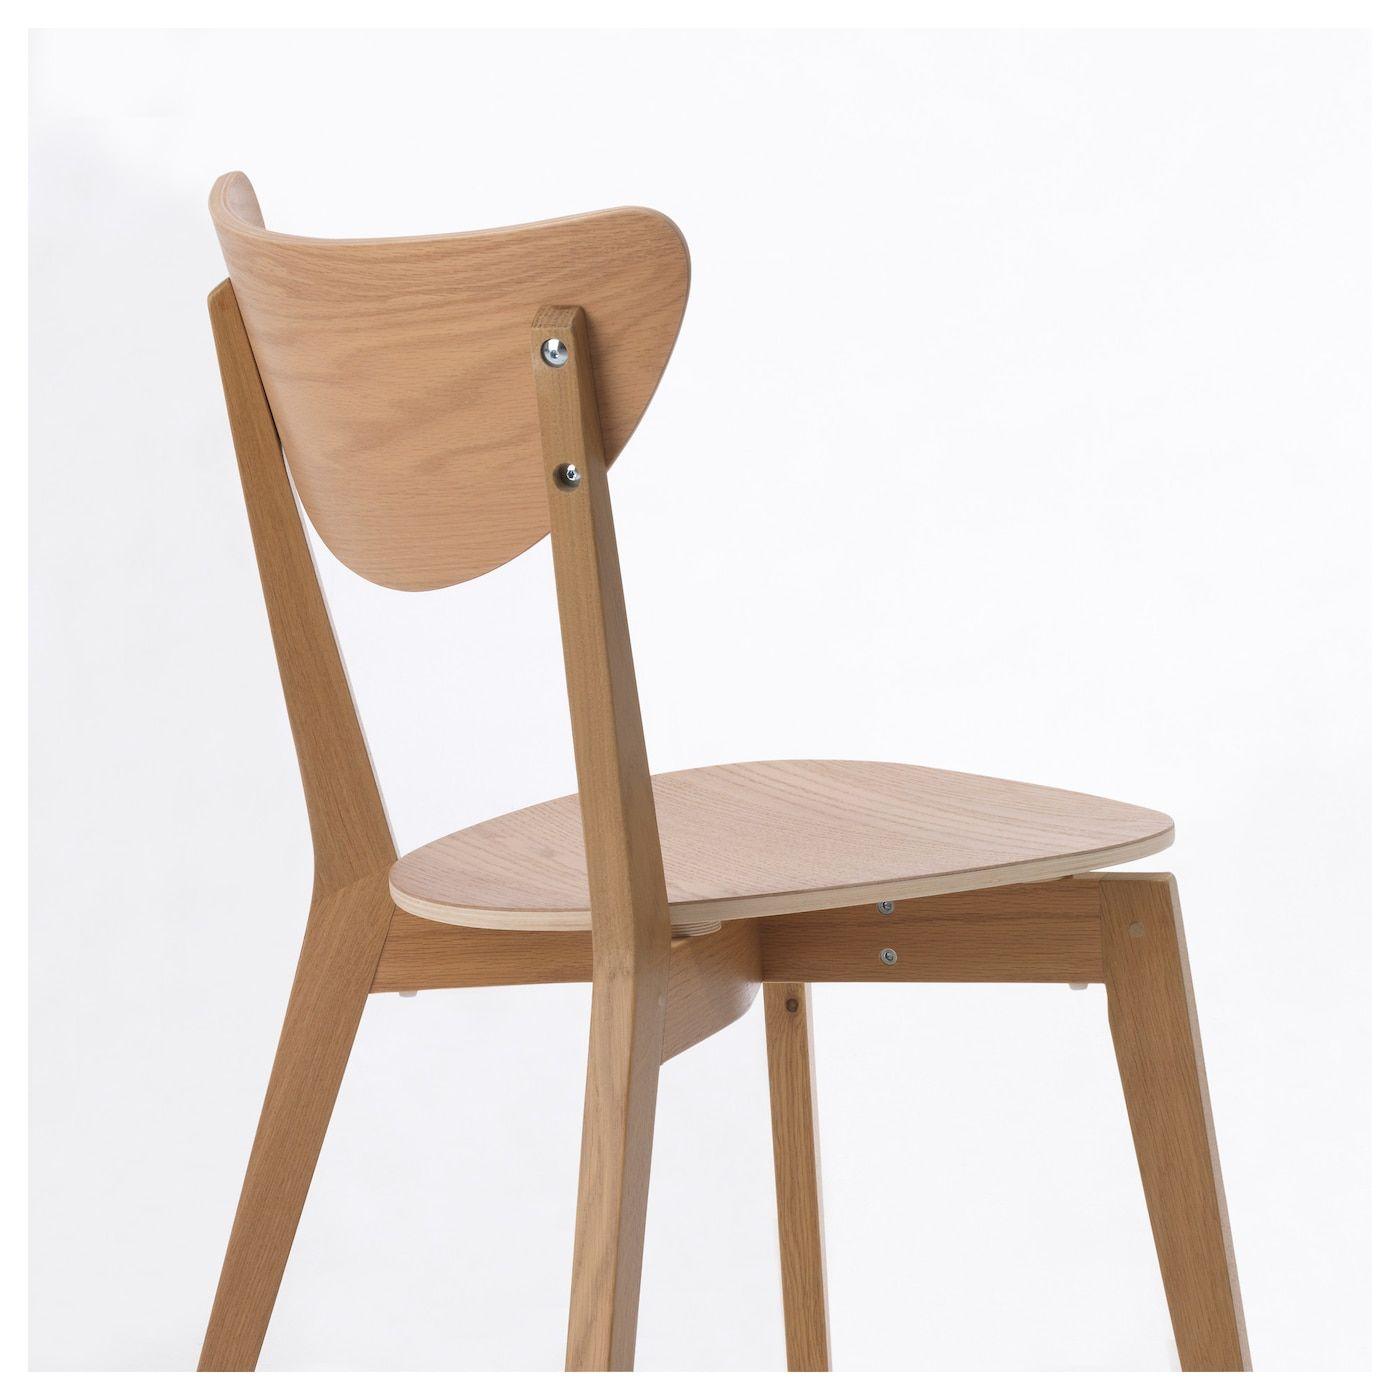 Mobilier Et Decoration Interieur Et Exterieur Decoration Interieure Et Exterieure Decoration Interieure Chaise Ikea